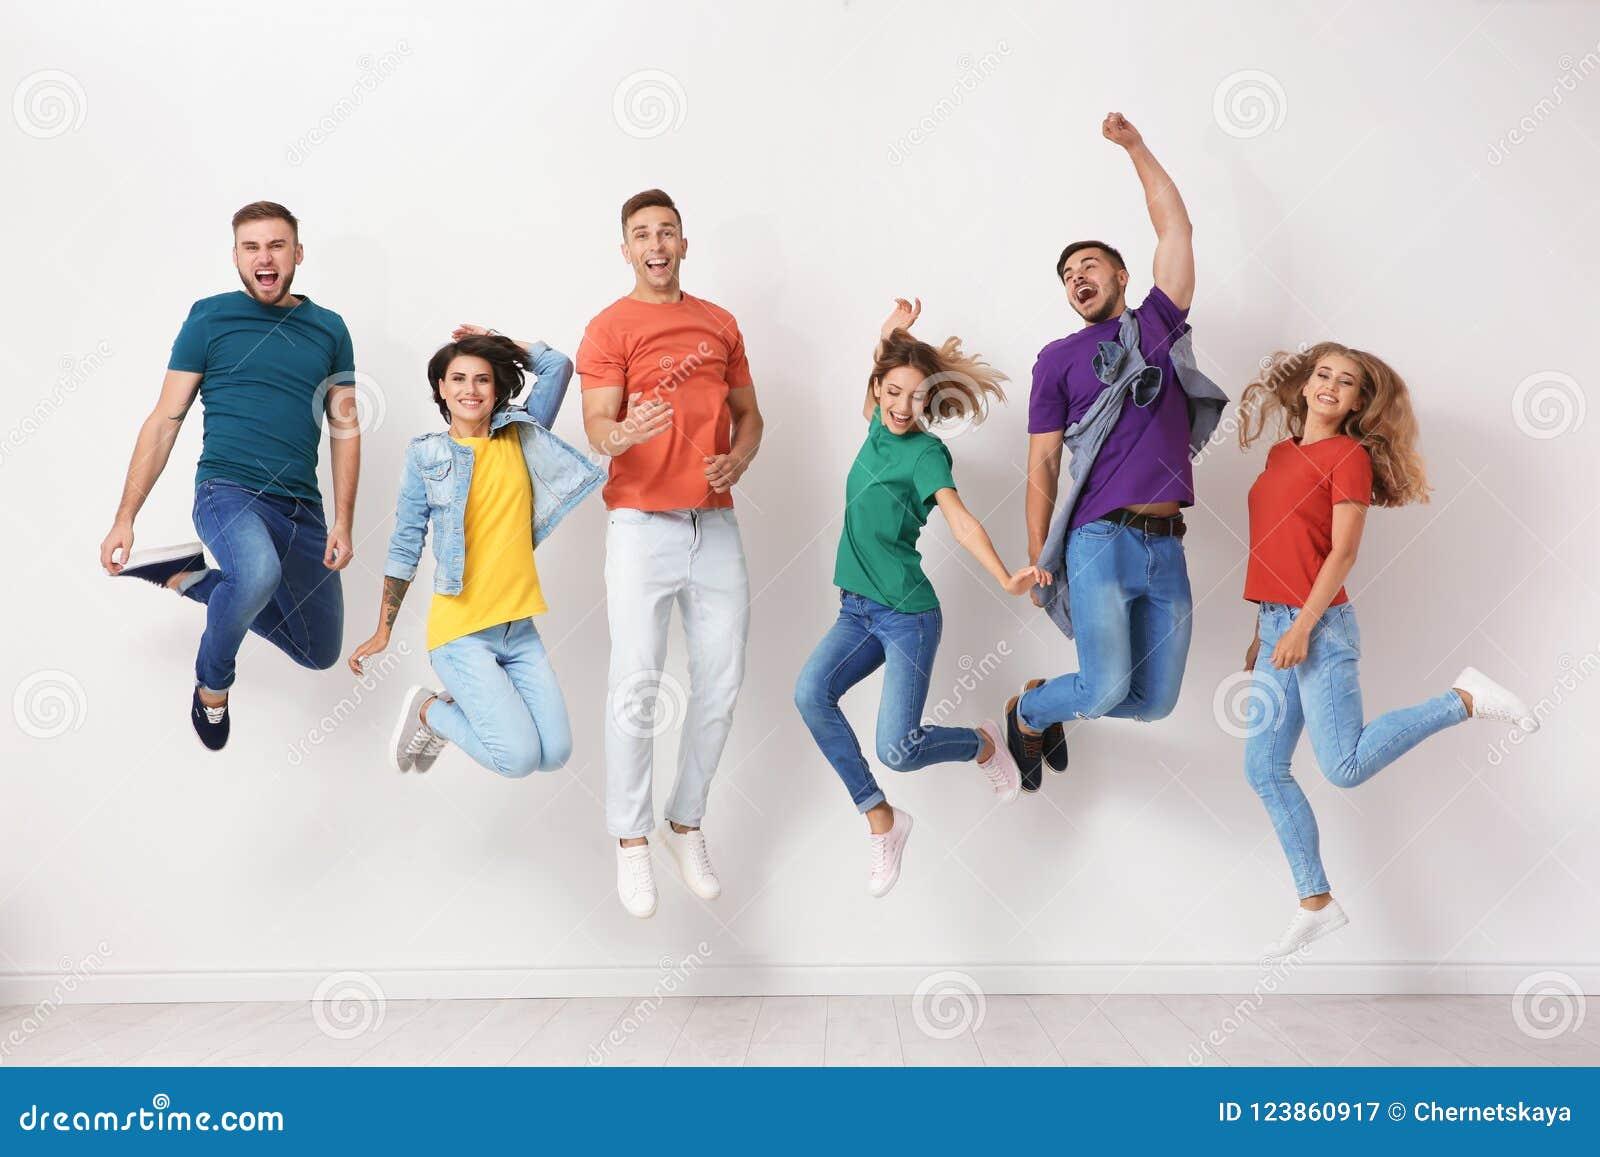 小组牛仔裤和五颜六色的T恤杉的青年人